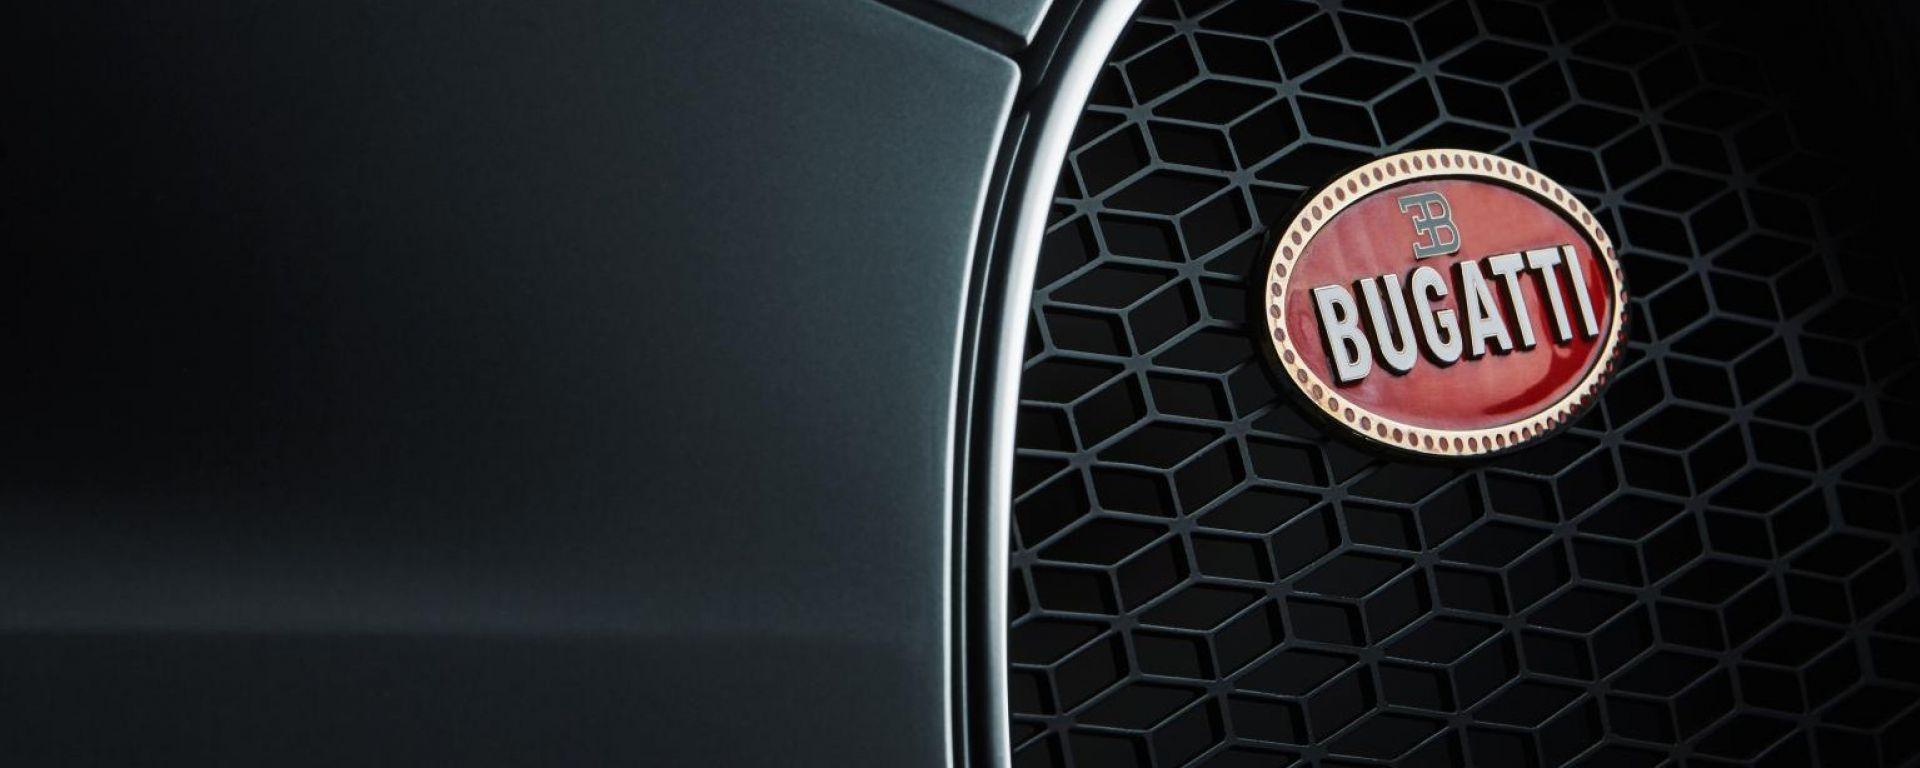 In dettaglio il logo Bugatti